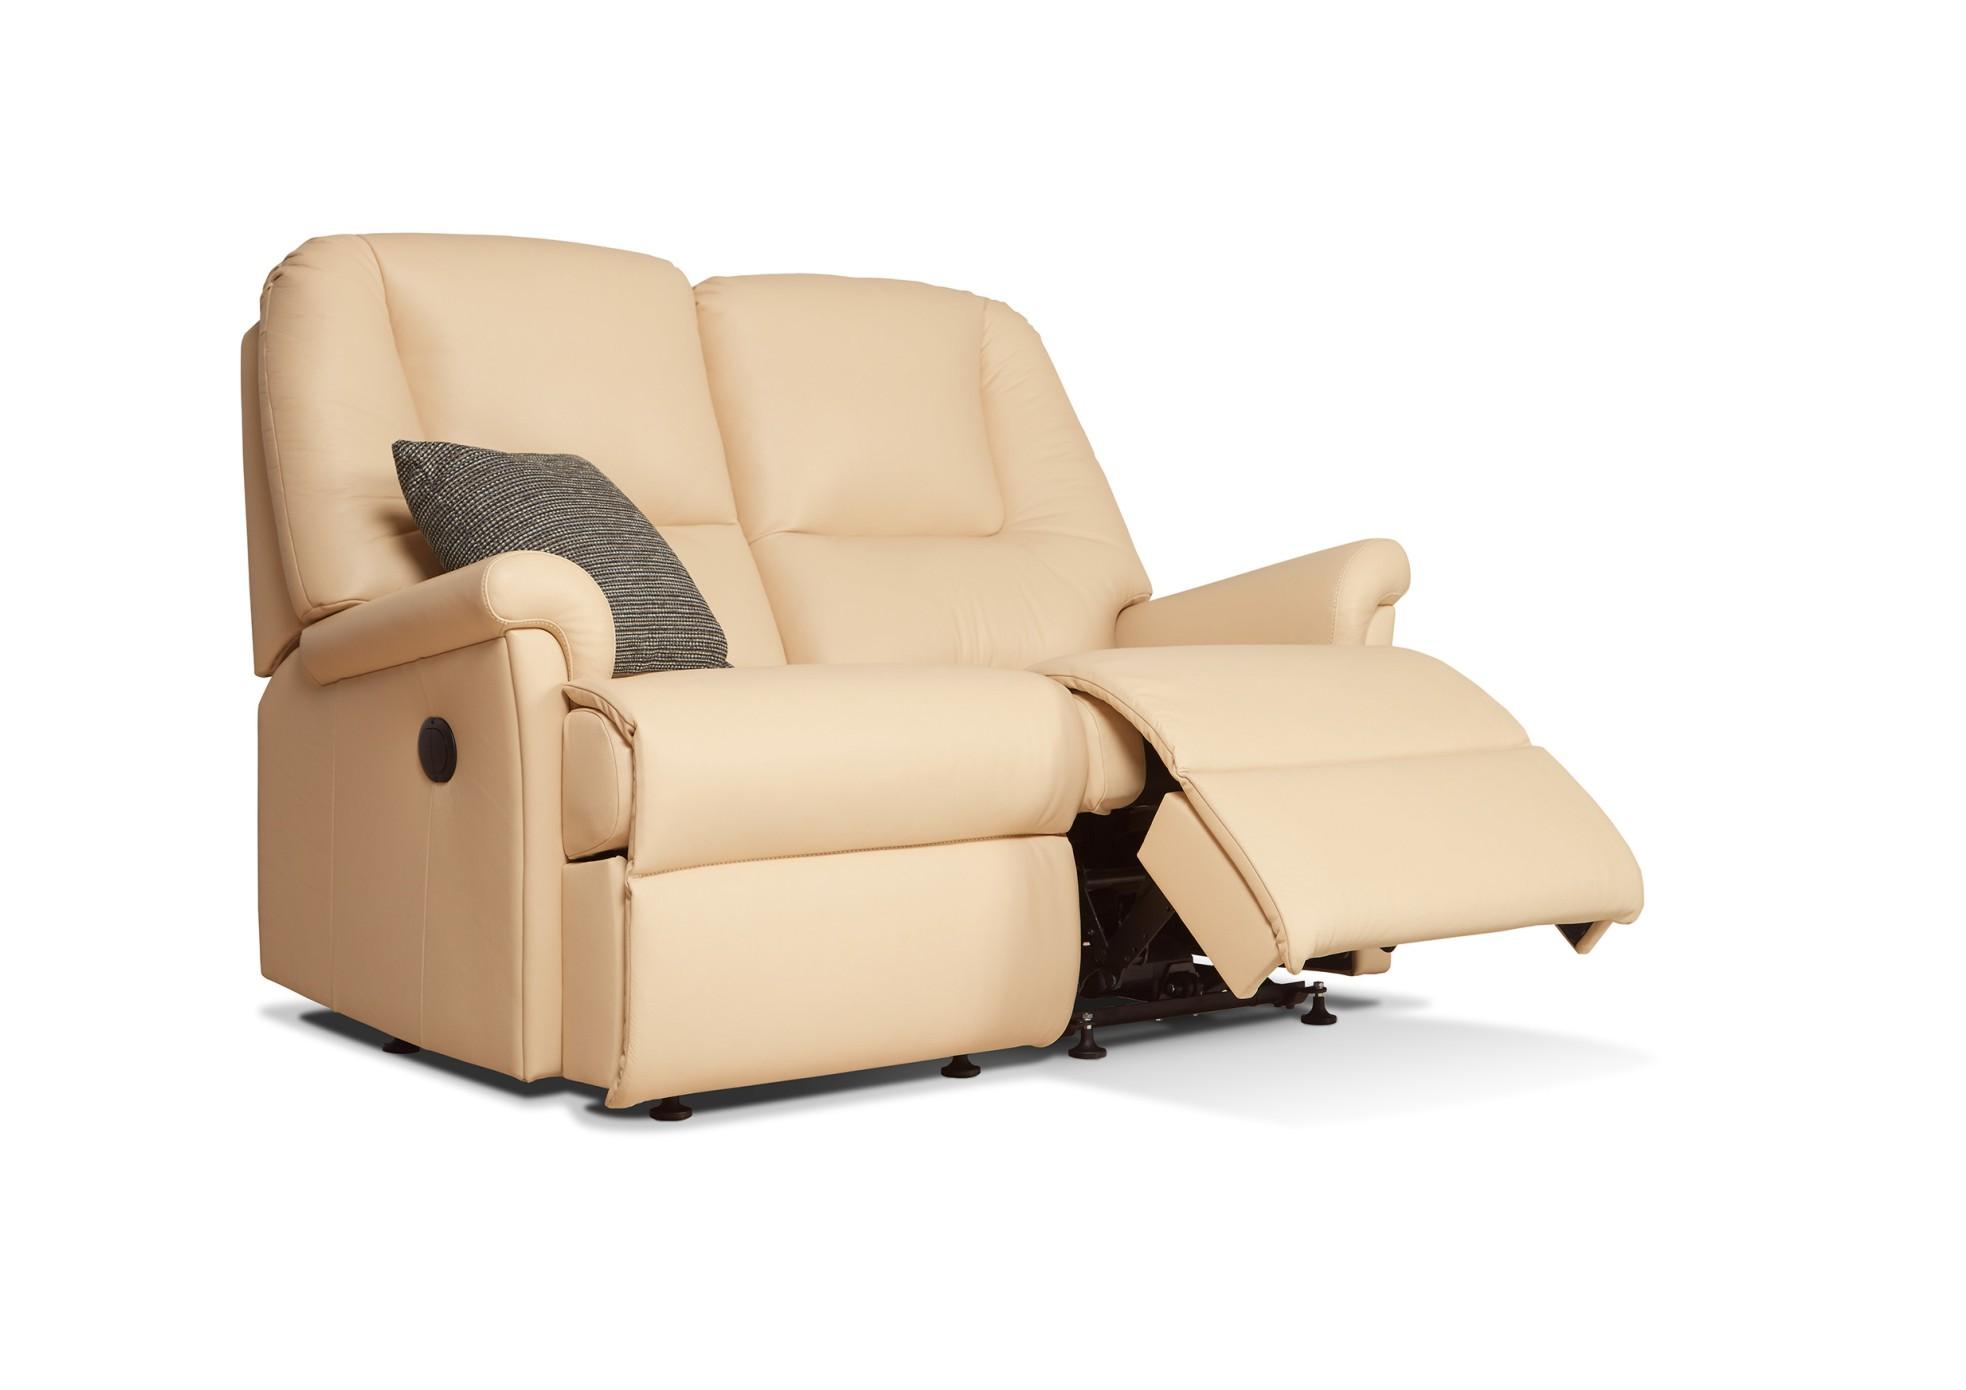 Milburn 2 Seater Sofa